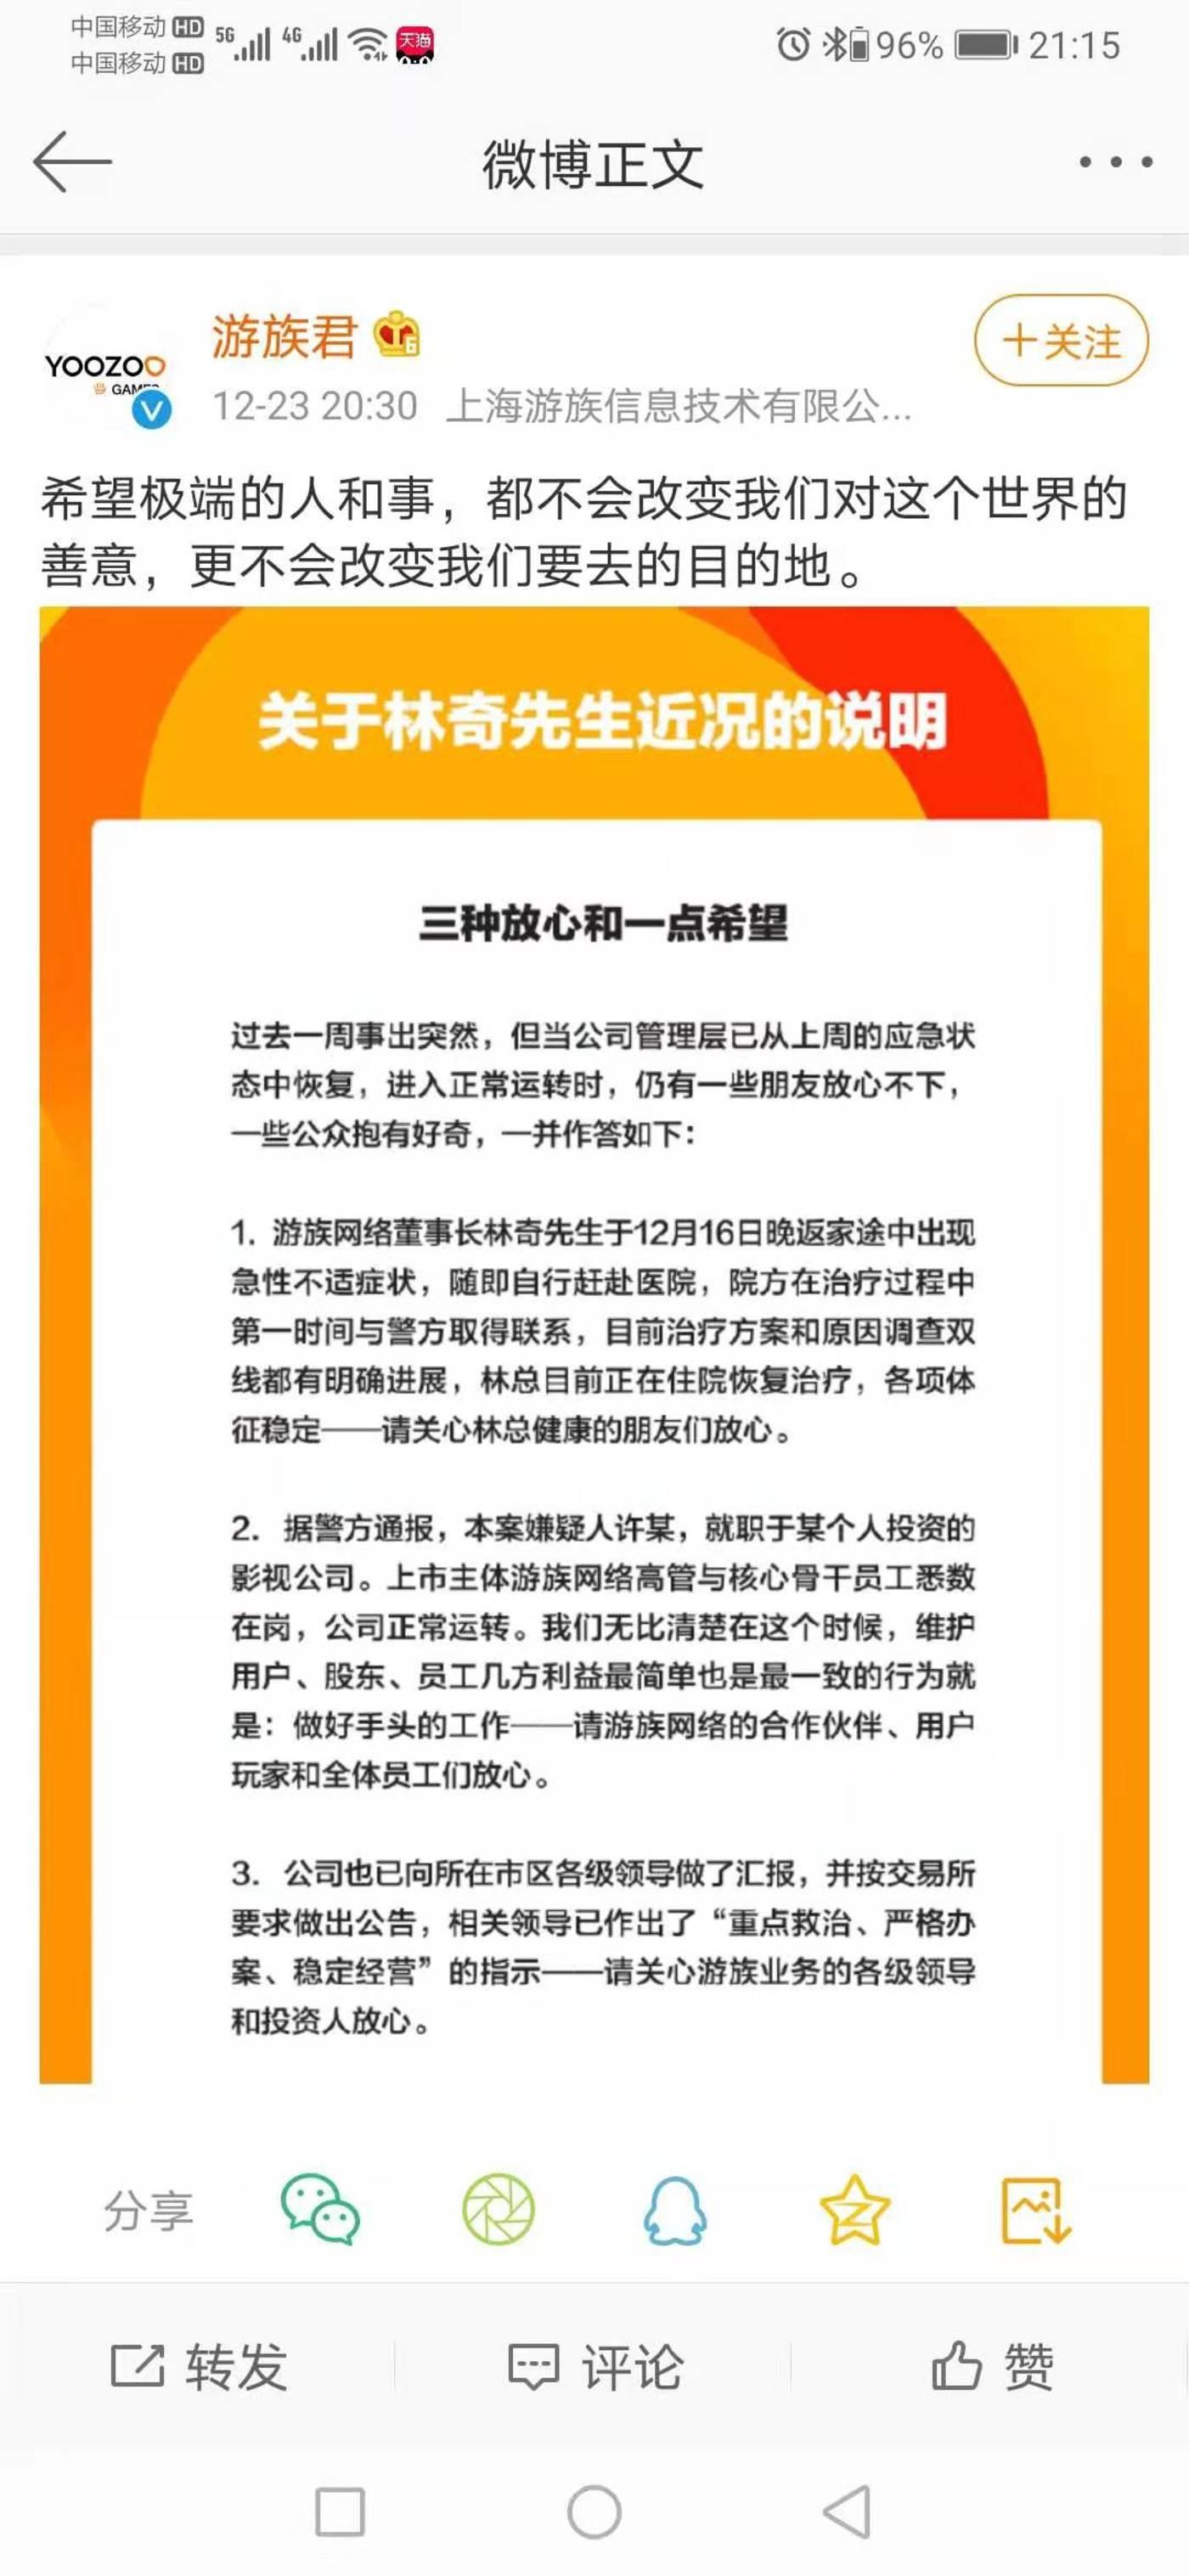 游族网络公告